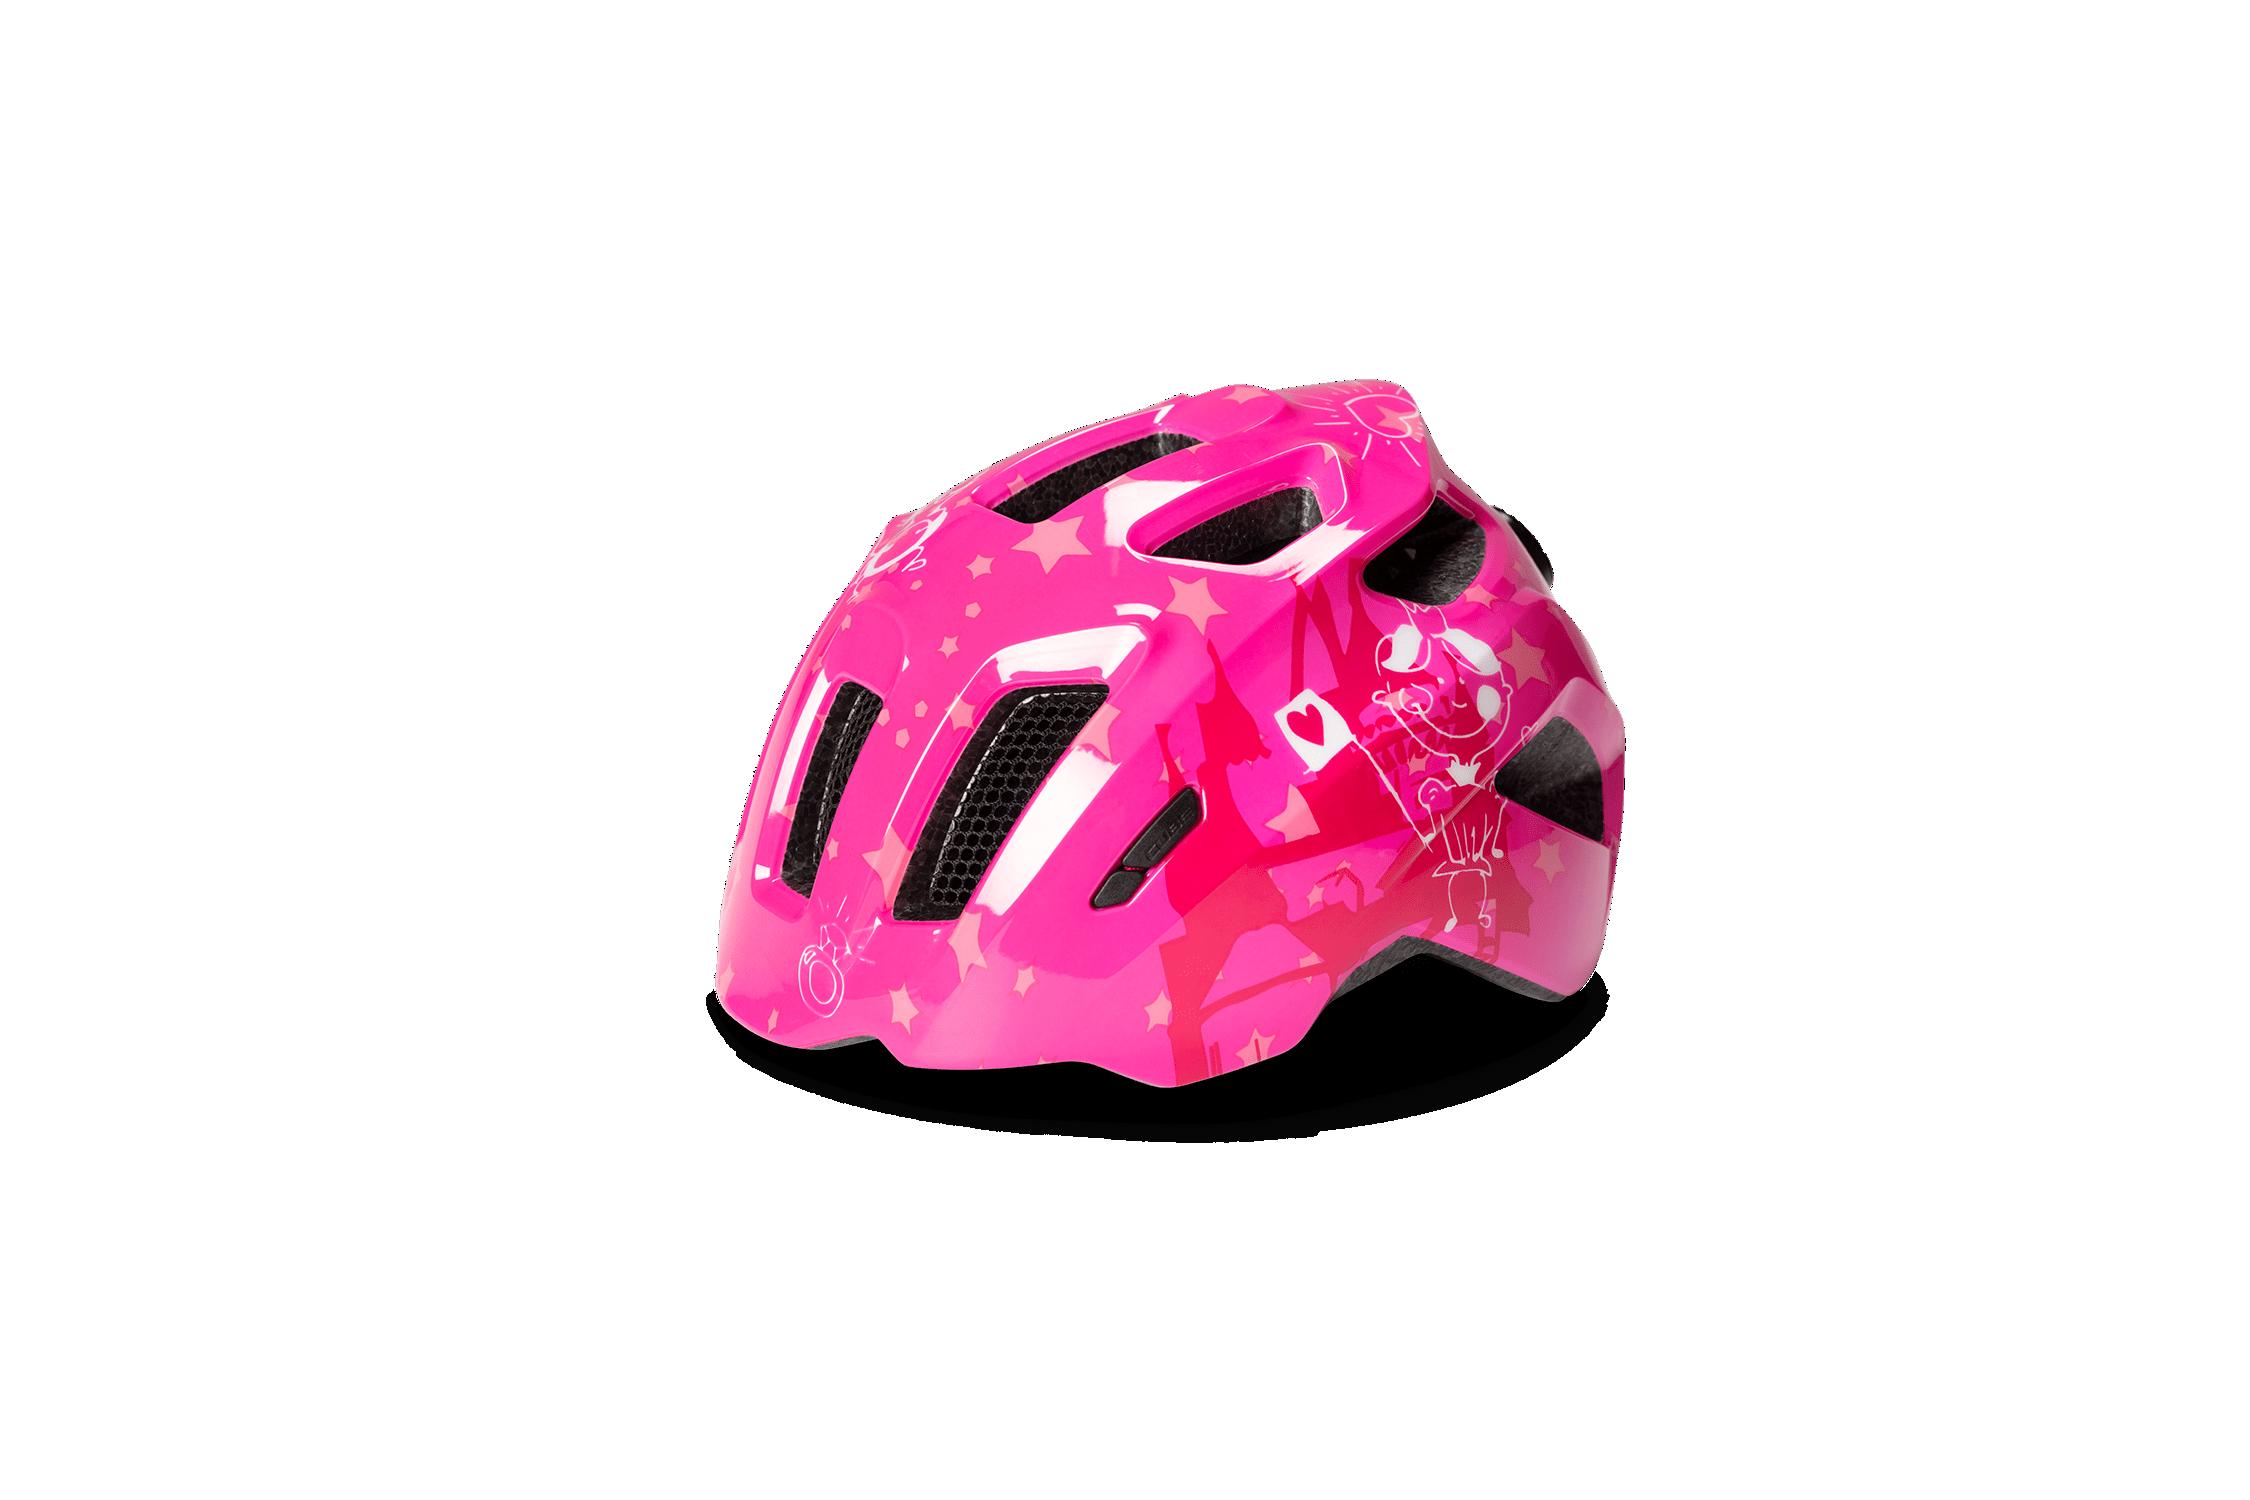 Παιδικό Ποδηλατικό Κράνος Cube-Ρουχισμός Ποδηλάτου